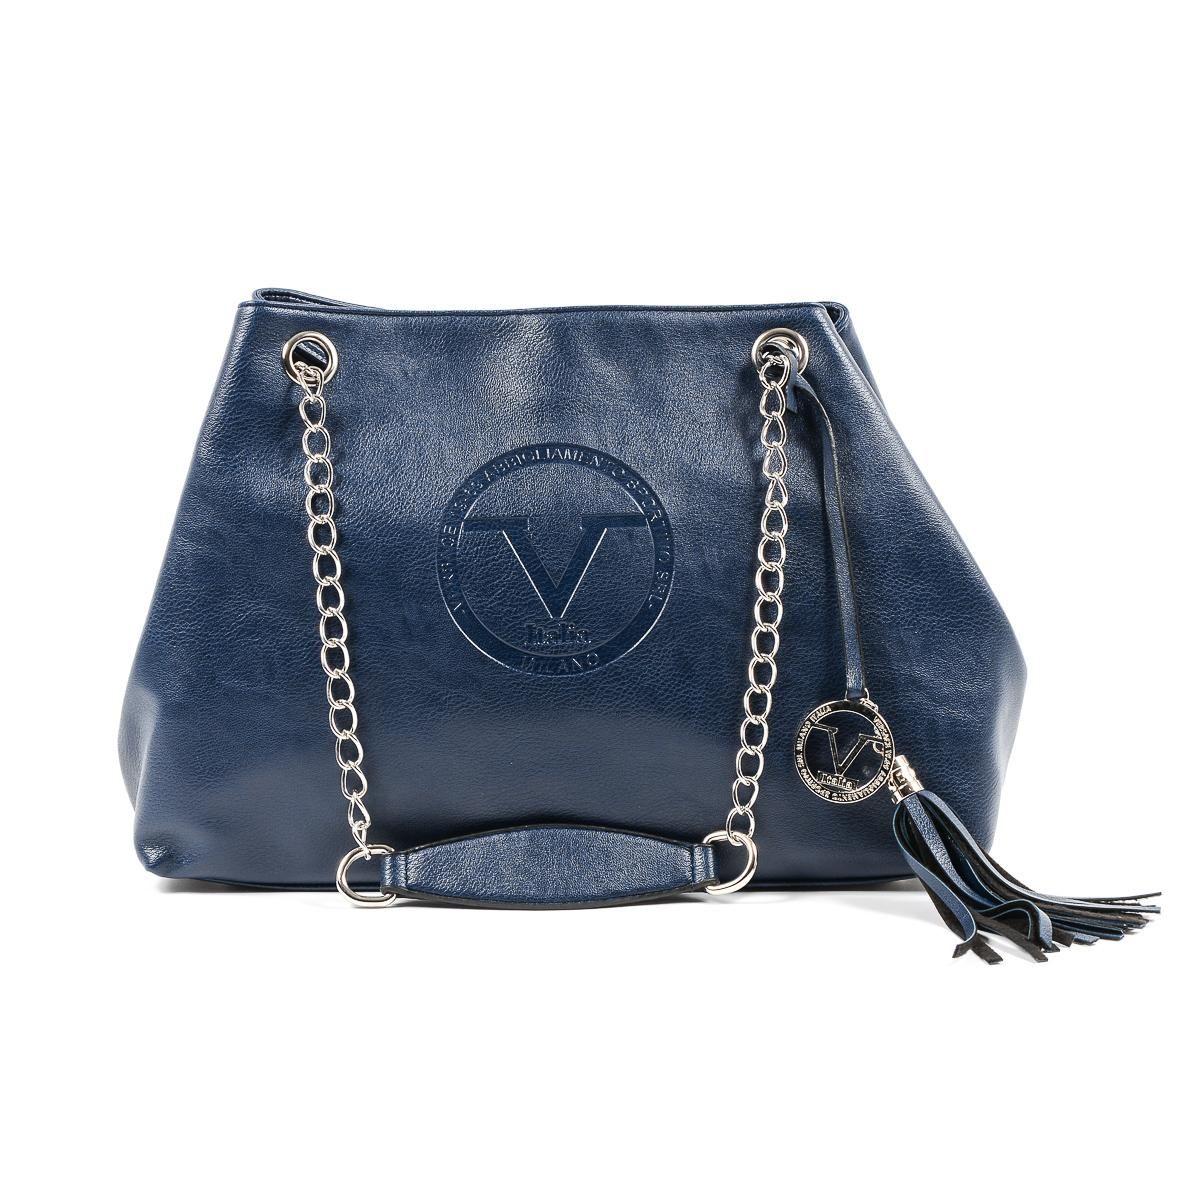 8fc7d81376 V 1969 Italia Womens Handbag Dark Blue MARION